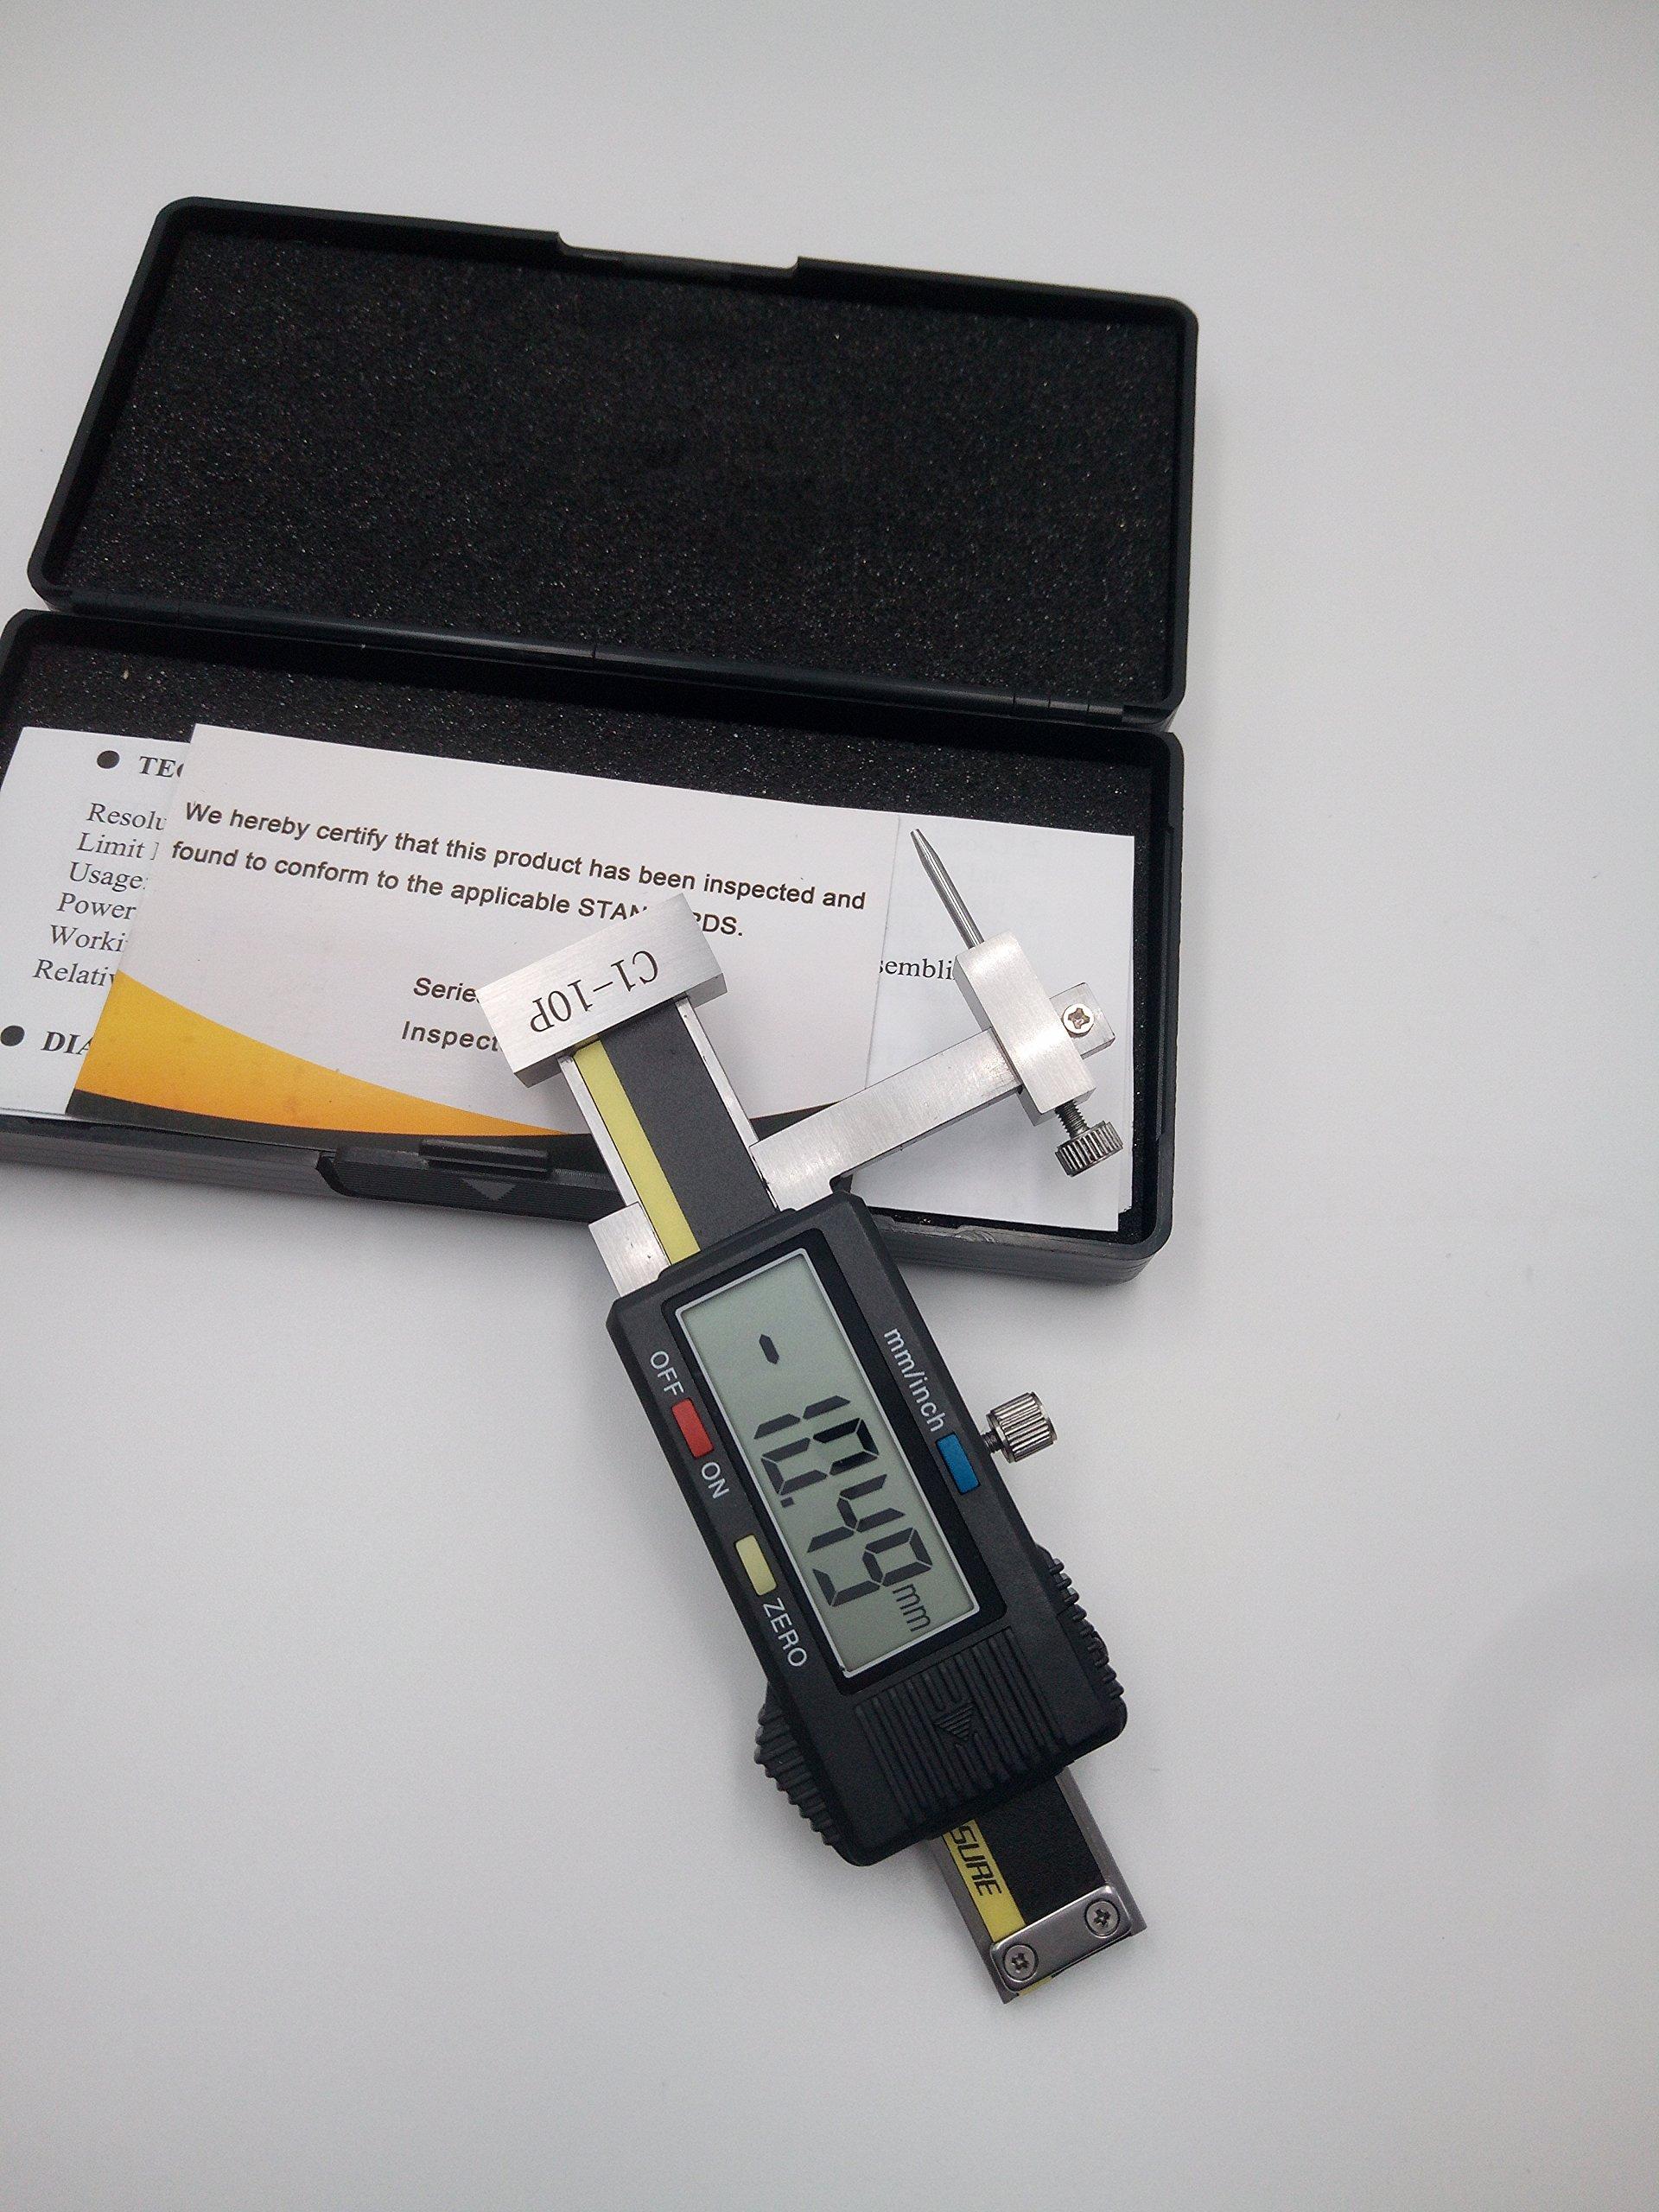 MeterTo C1-10PDigital Plane Gap Step Gauge,Range:0±10mm,Resolution: 0.01mm,Accuracy:±0.03mm